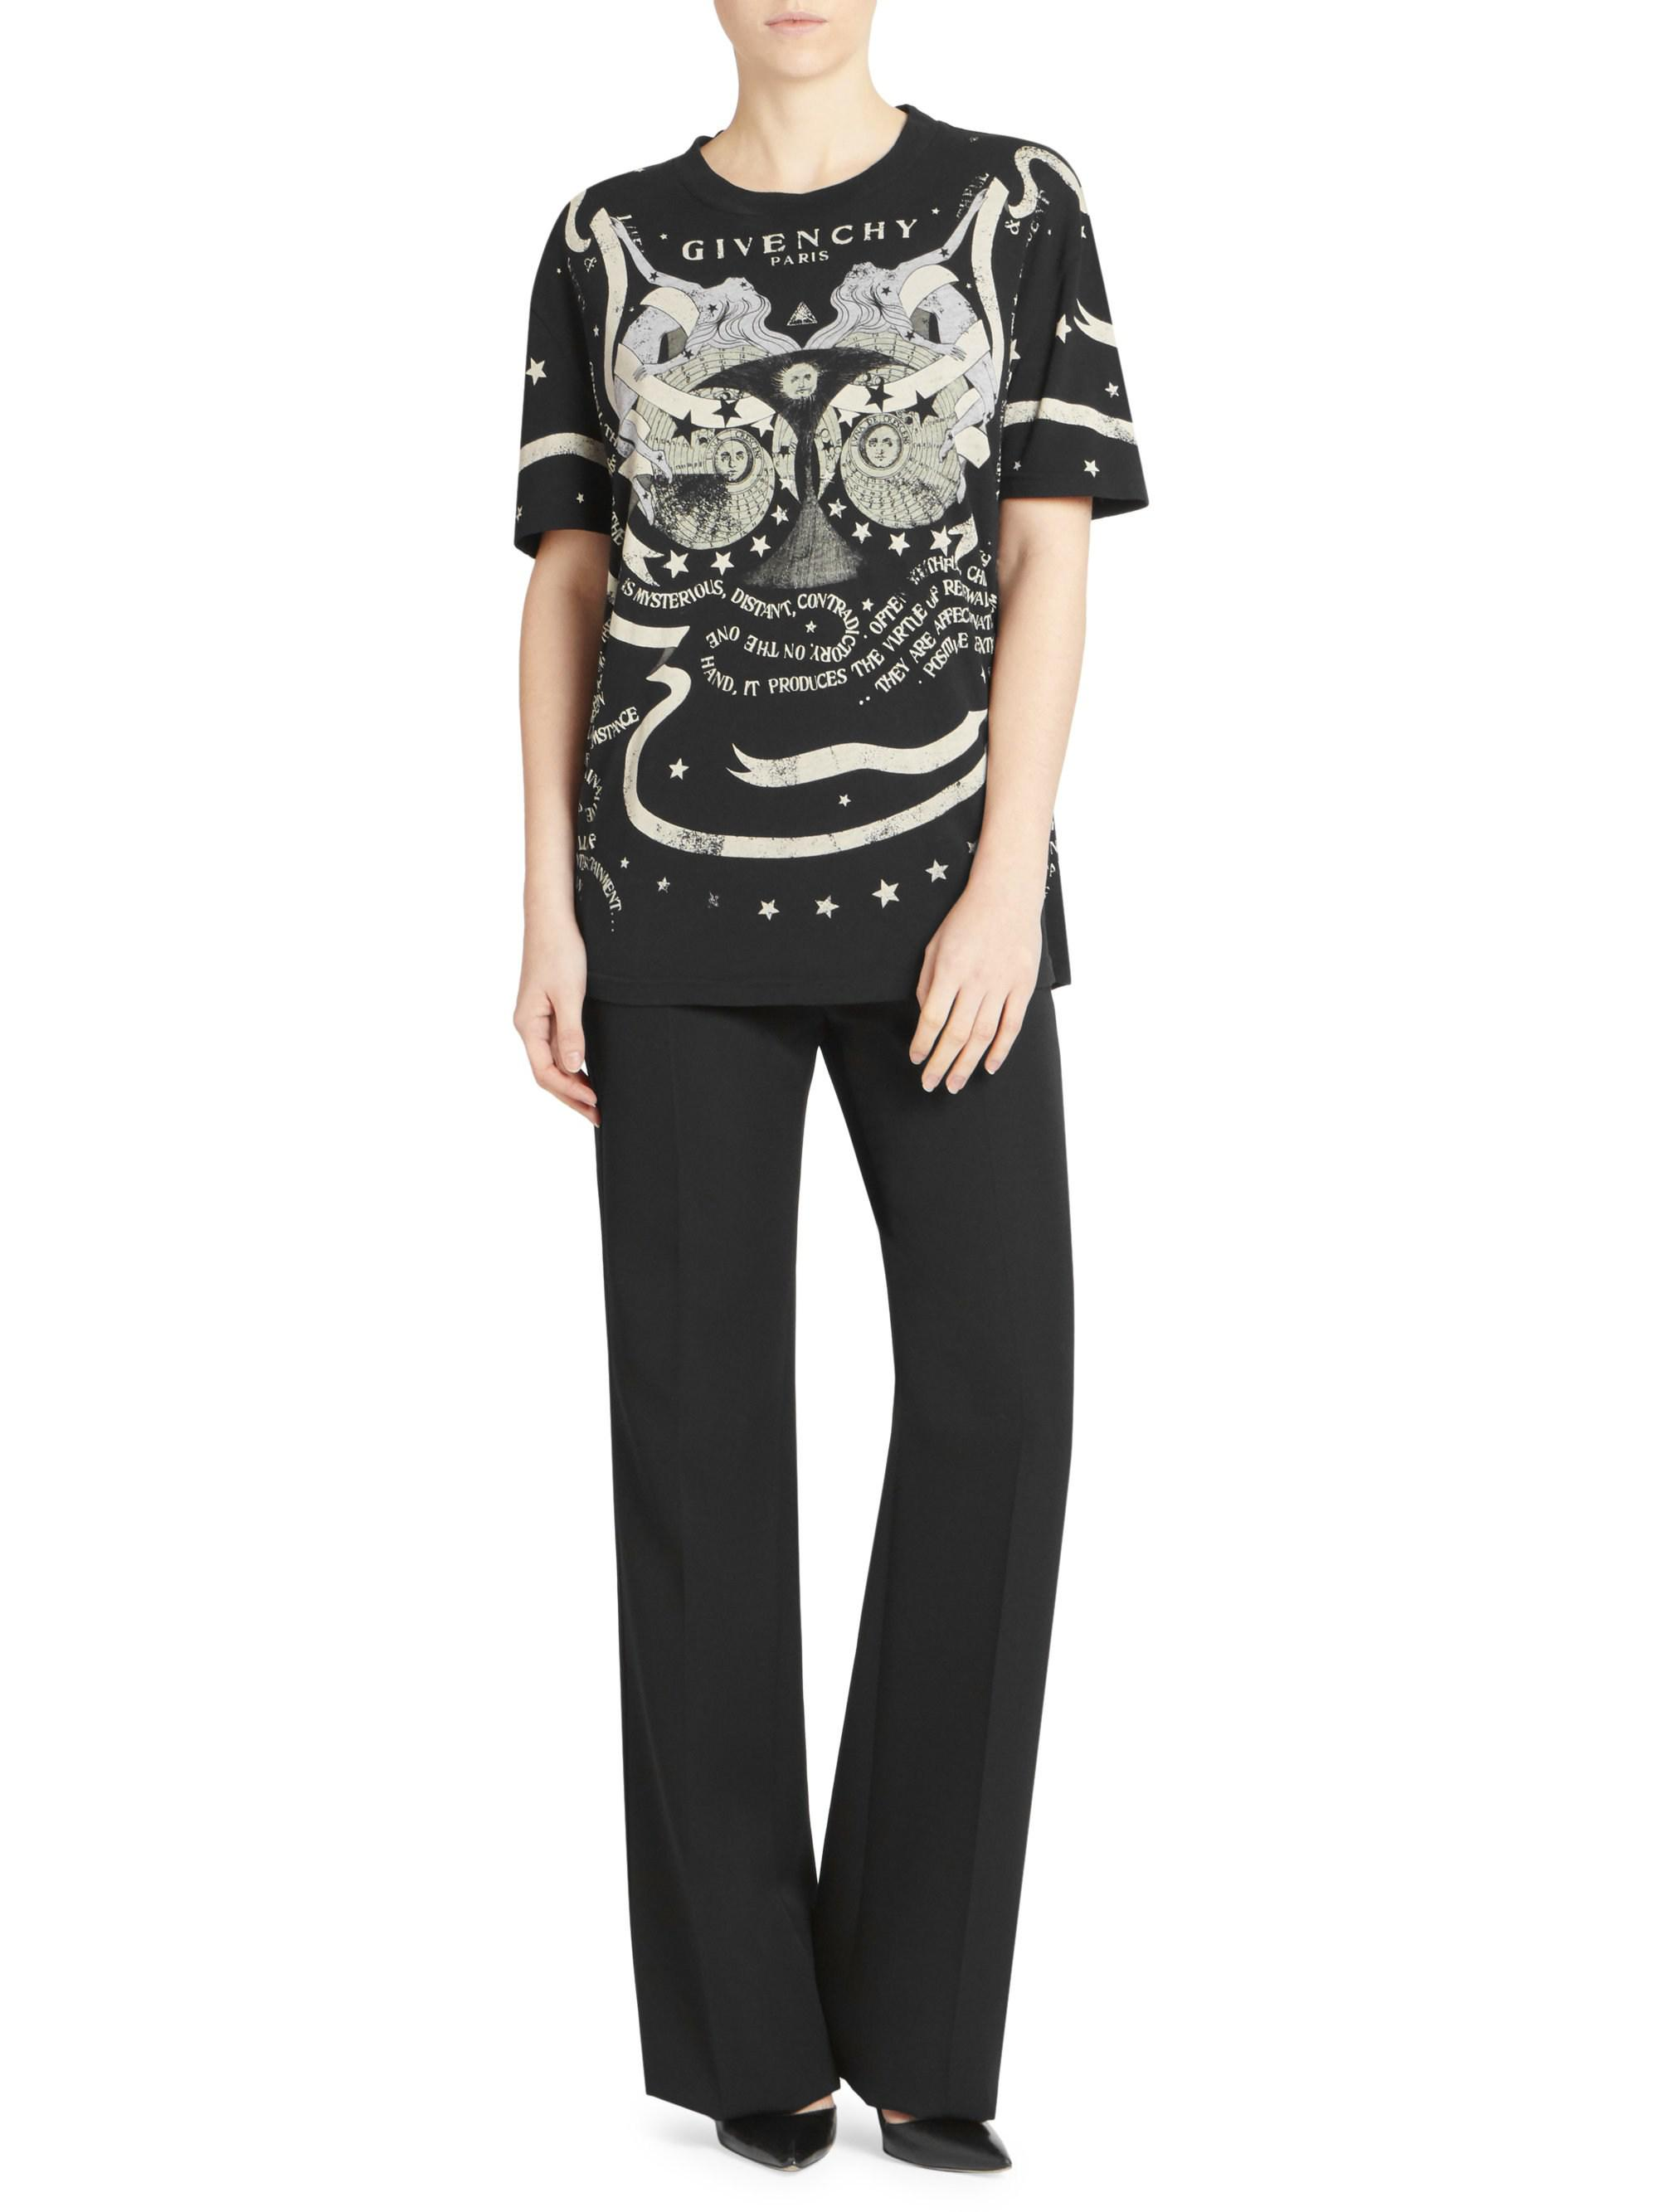 56a8f7a7db3 Lyst - Givenchy Gemini T-shirt in Black